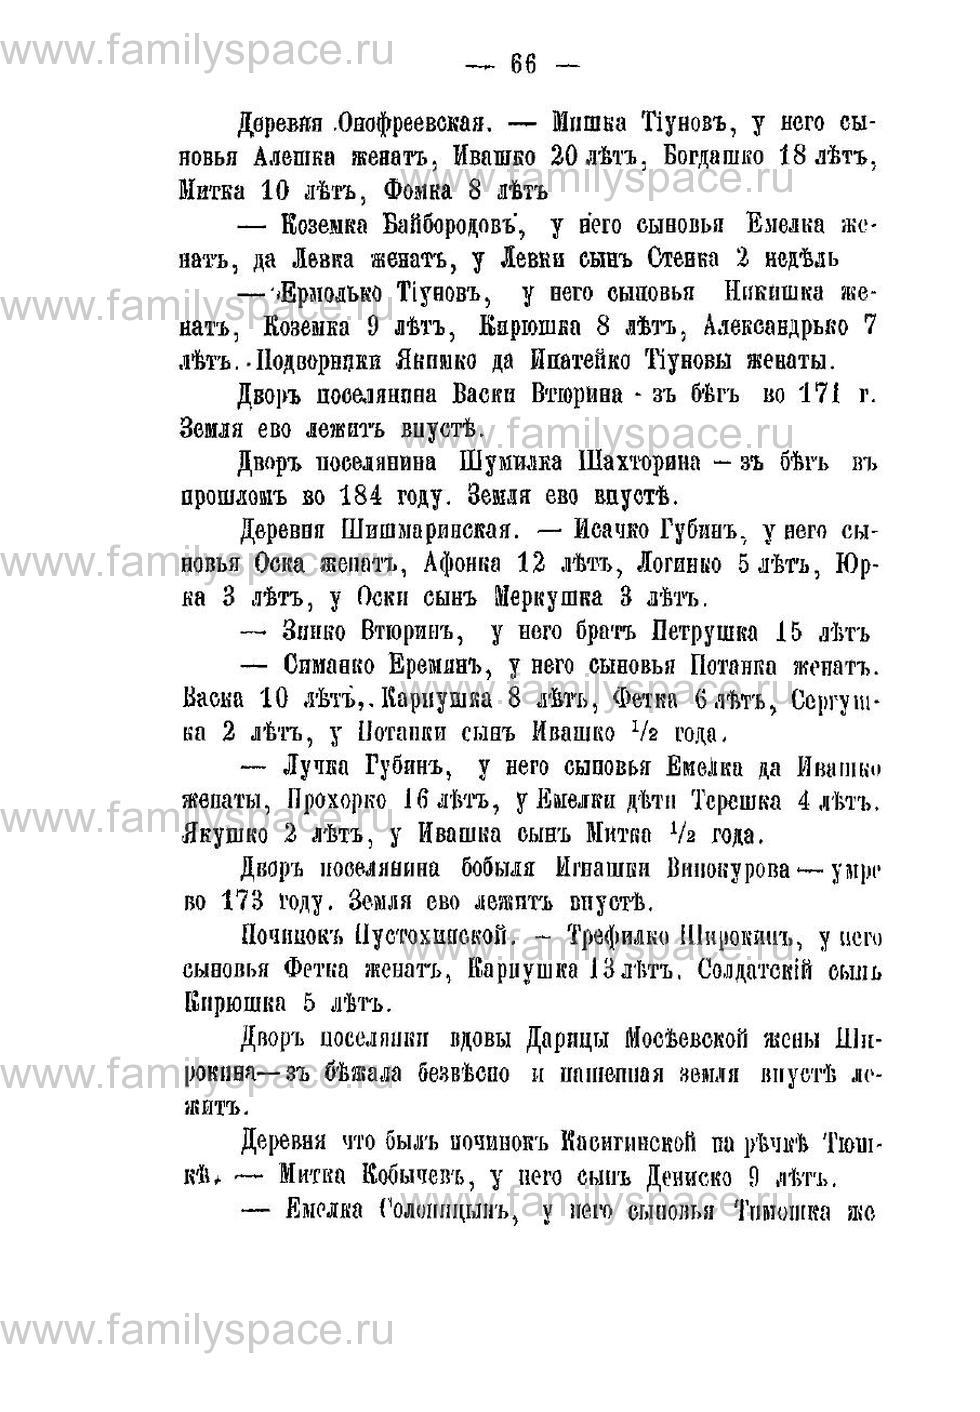 Поиск по фамилии - Переписная книга Орлова и волостей 1678 г, страница 62